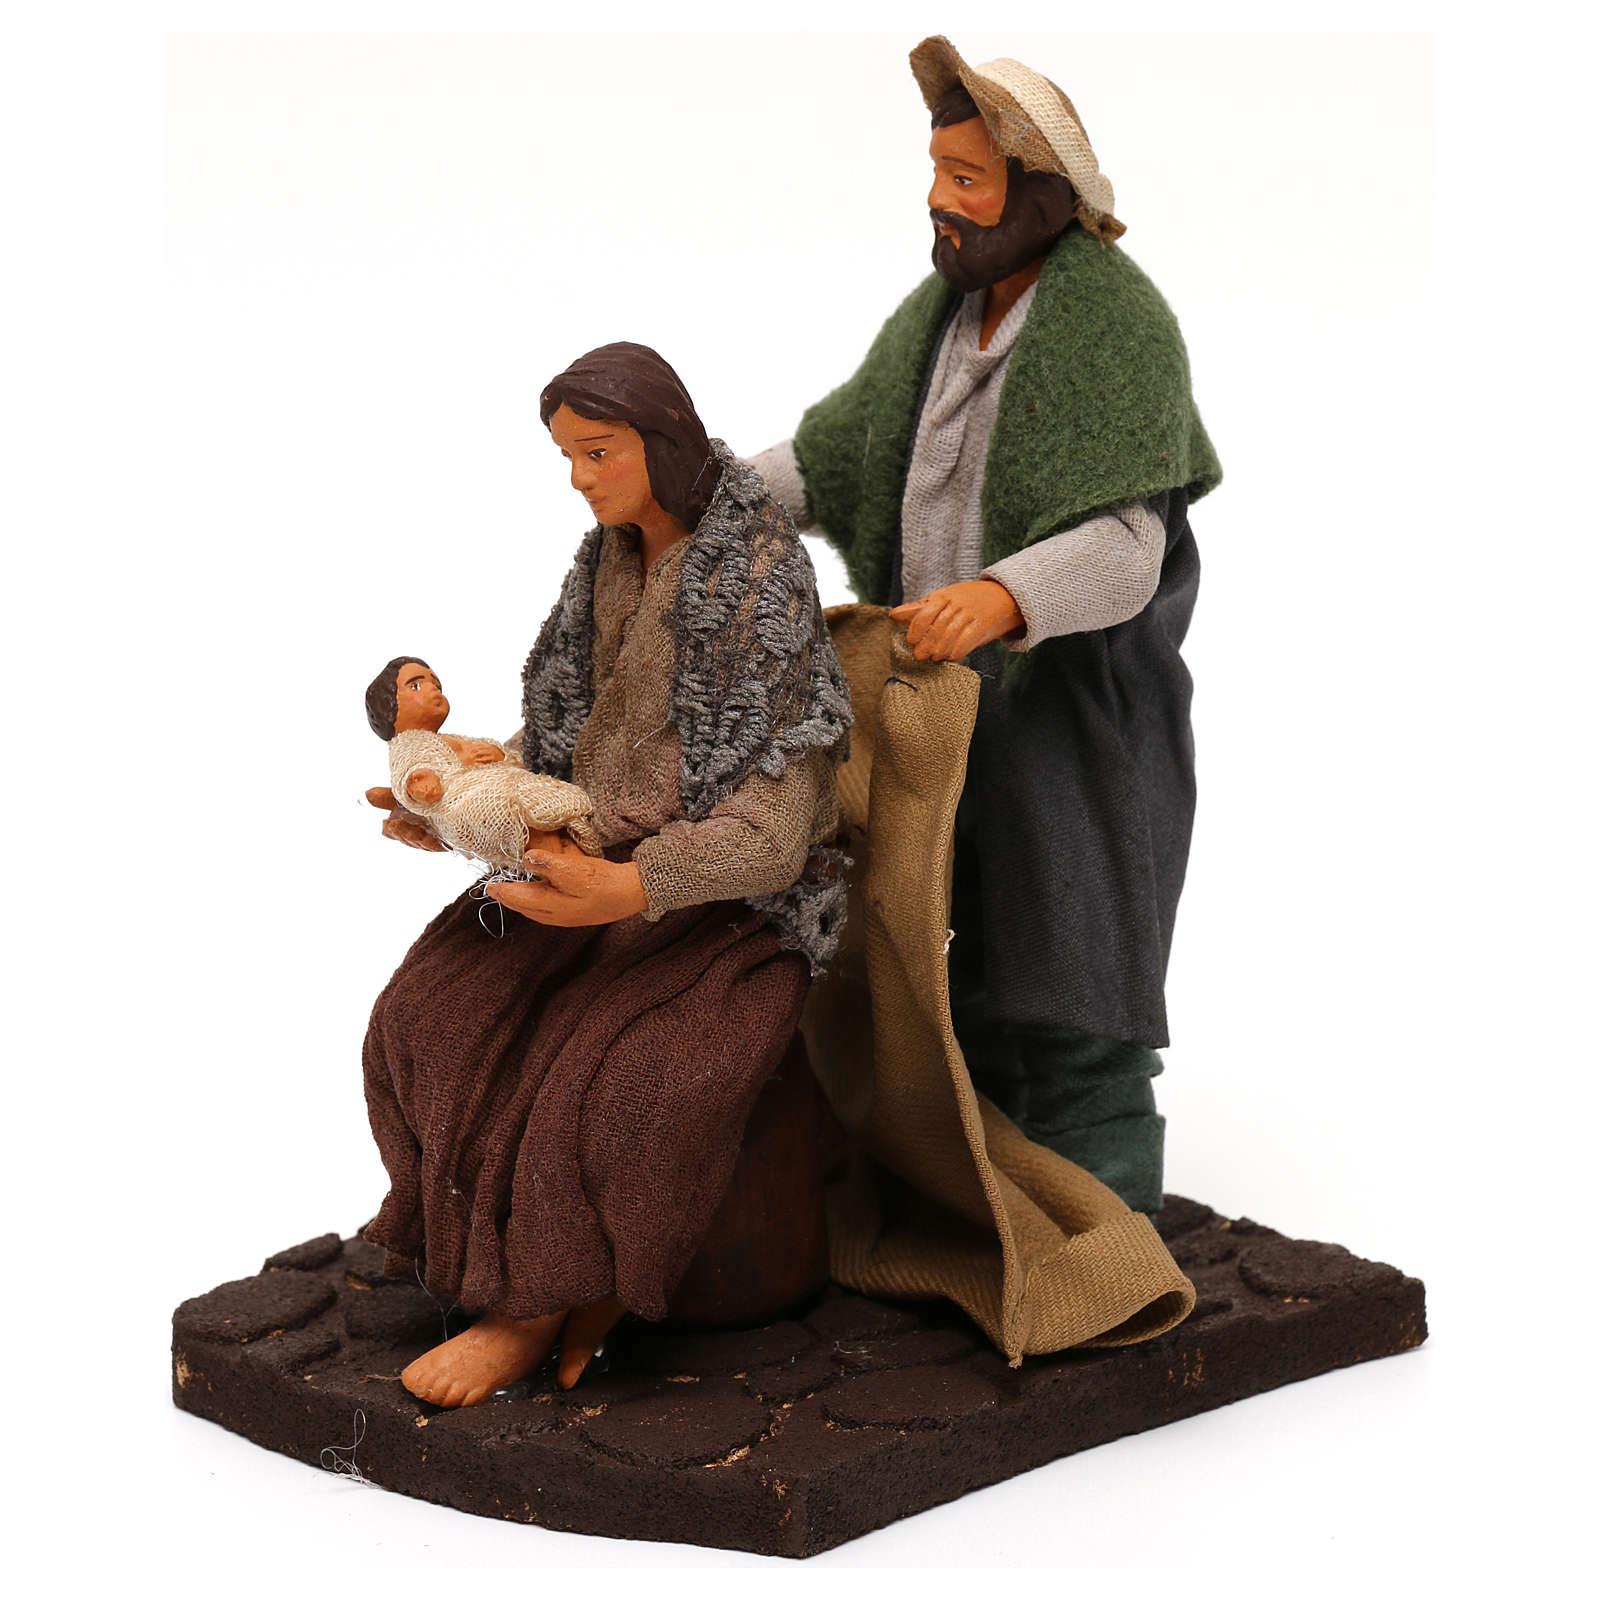 Marito che copre moglie con bambino presepe napoletano 12 cm 4